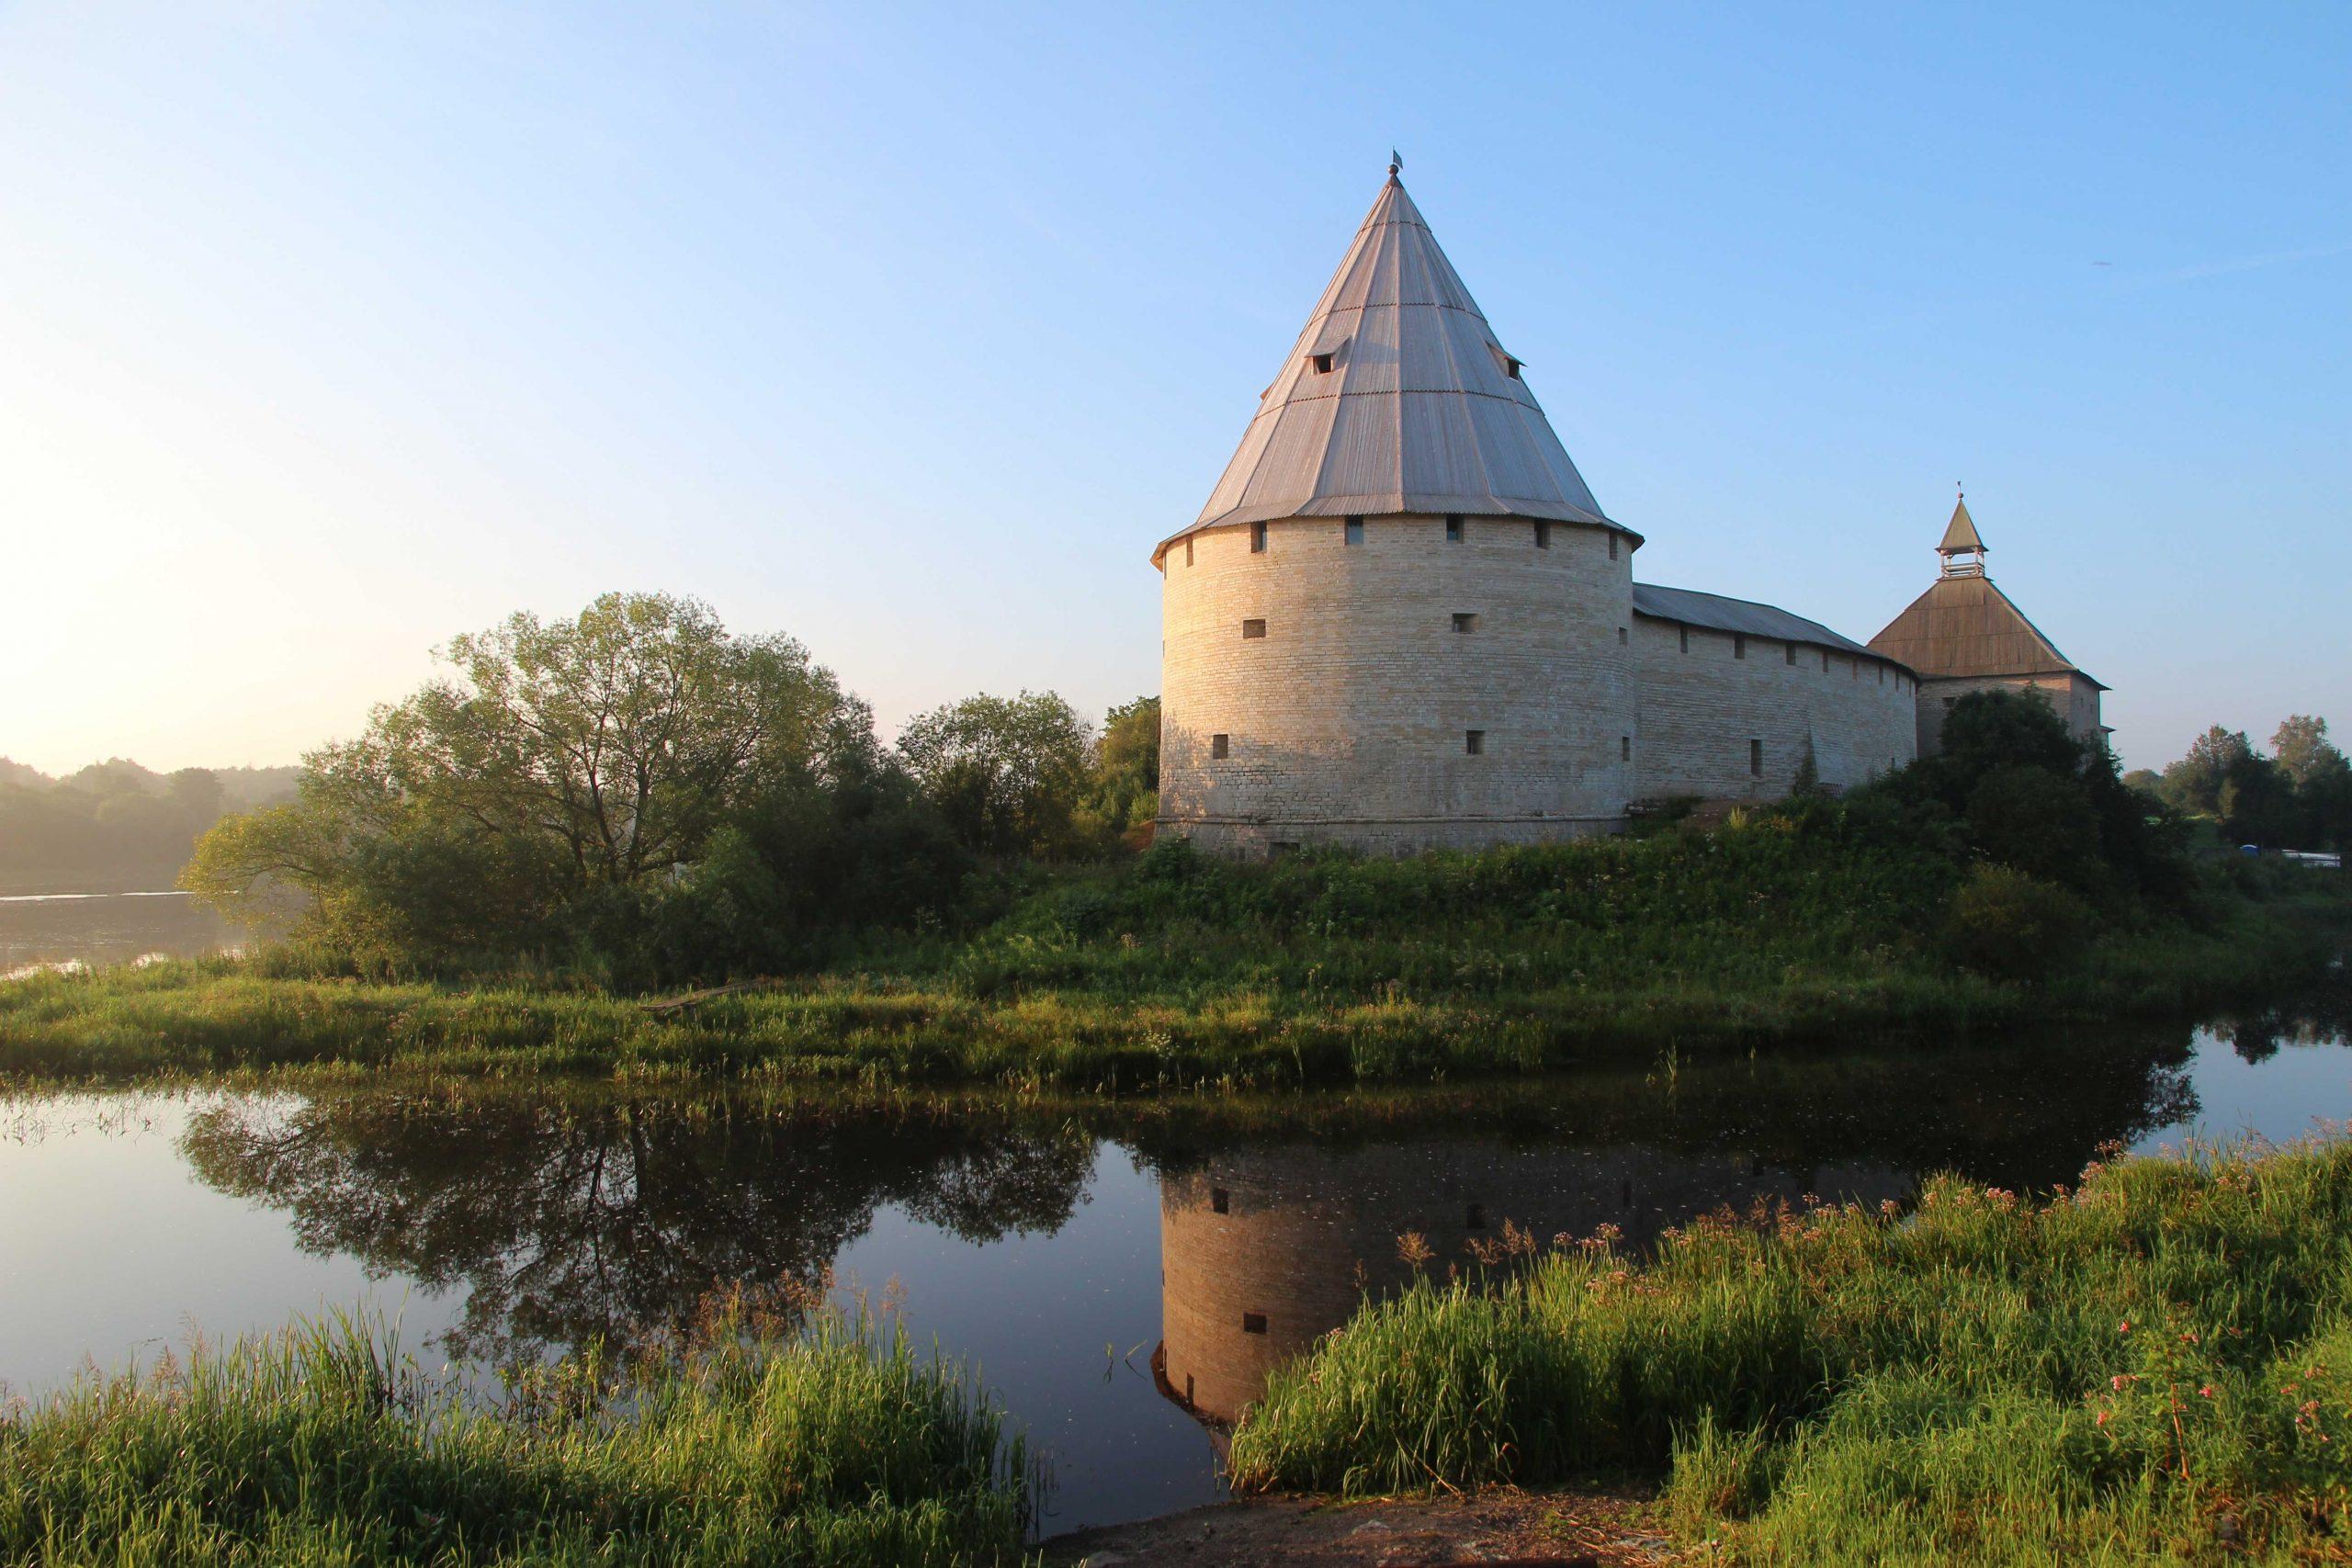 Abb. 3: Rekonstruierte neuzeitliche Festung von Staraja Ladoga an der Einmündung der Ladožka in den Volchov (Foto: J. Schneeweiß).